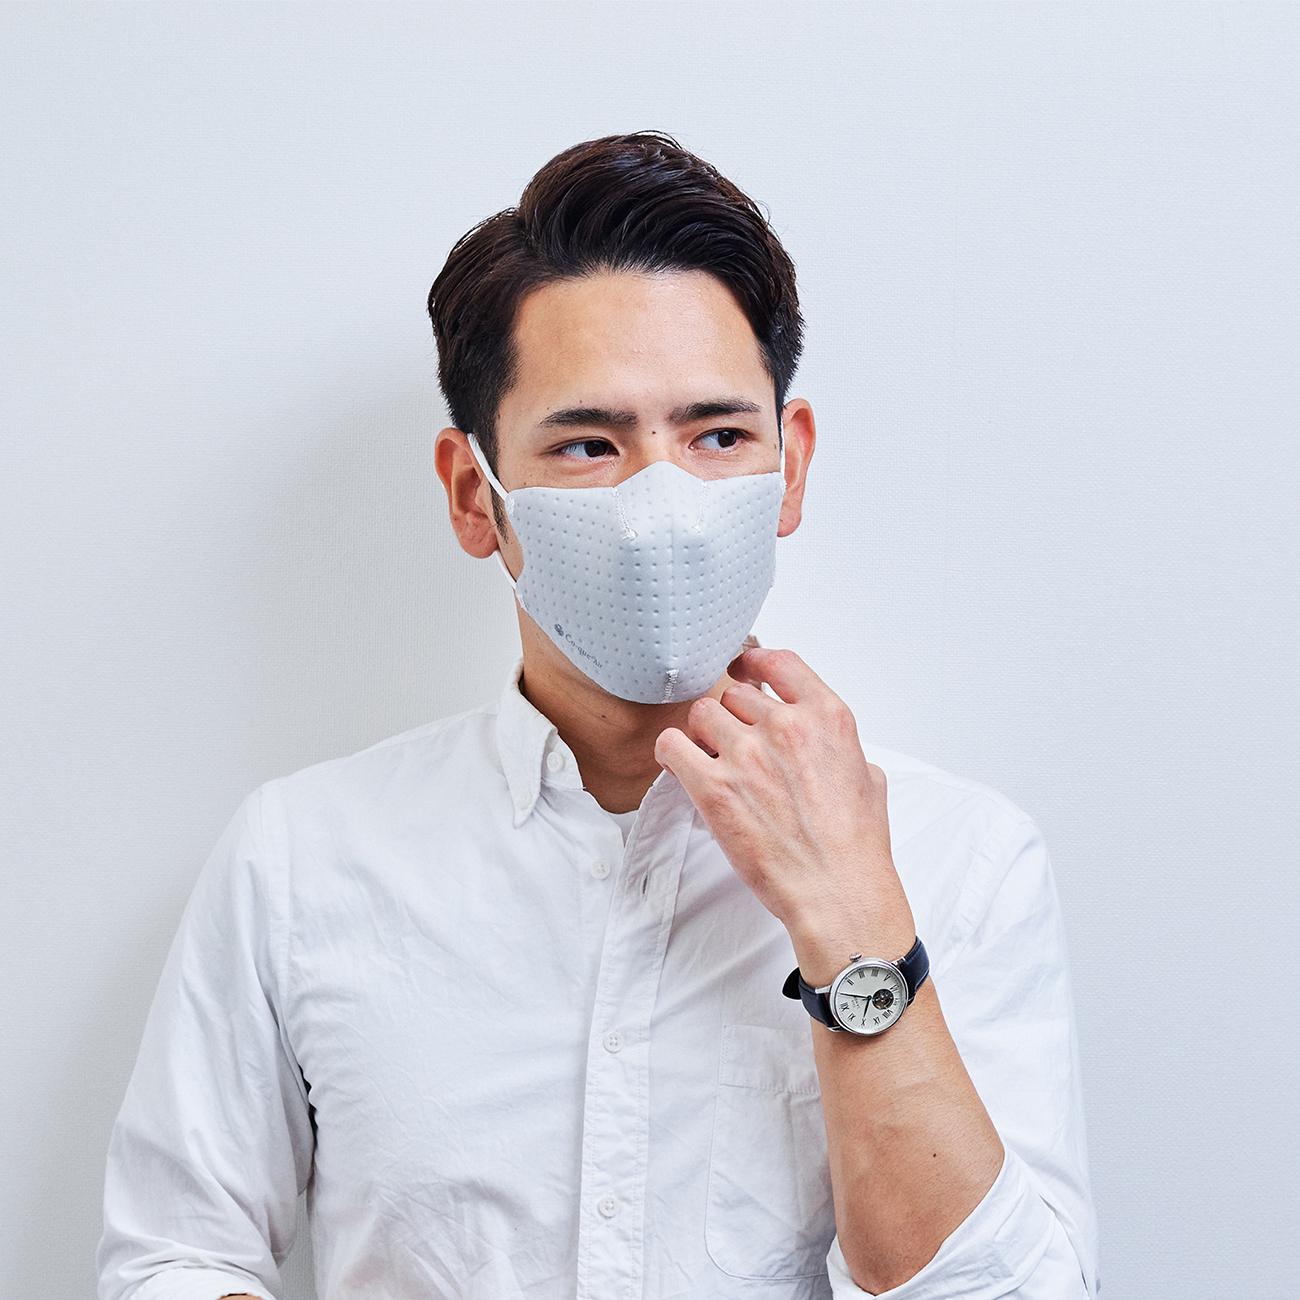 【単色購入】呼吸 Co-que Air シルバー グレー